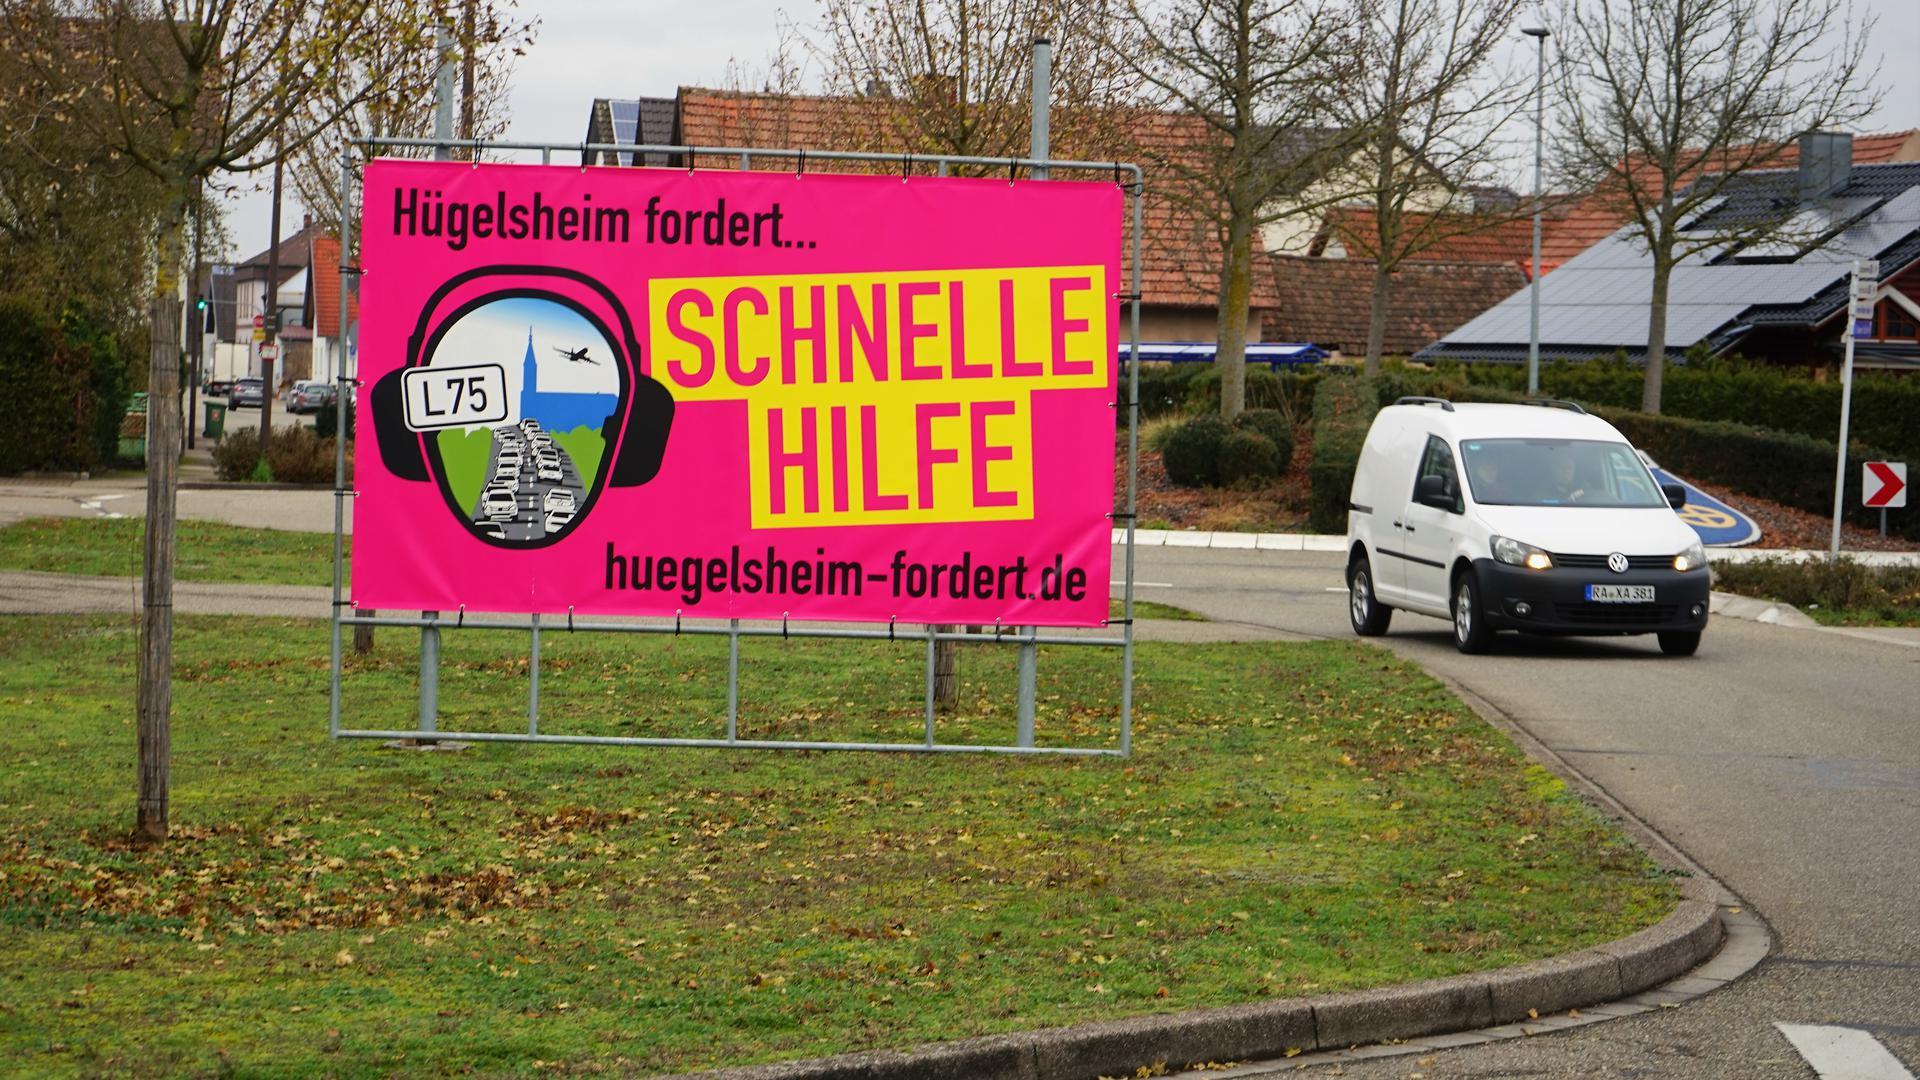 Schnelle Hilfe: Das fordert die Gemeinde Hügelsheim, um endlich weniger Verkehr im Ort zu haben. Der Vorstoß des Landes geht der Kommune jetzt aber zu schnell.